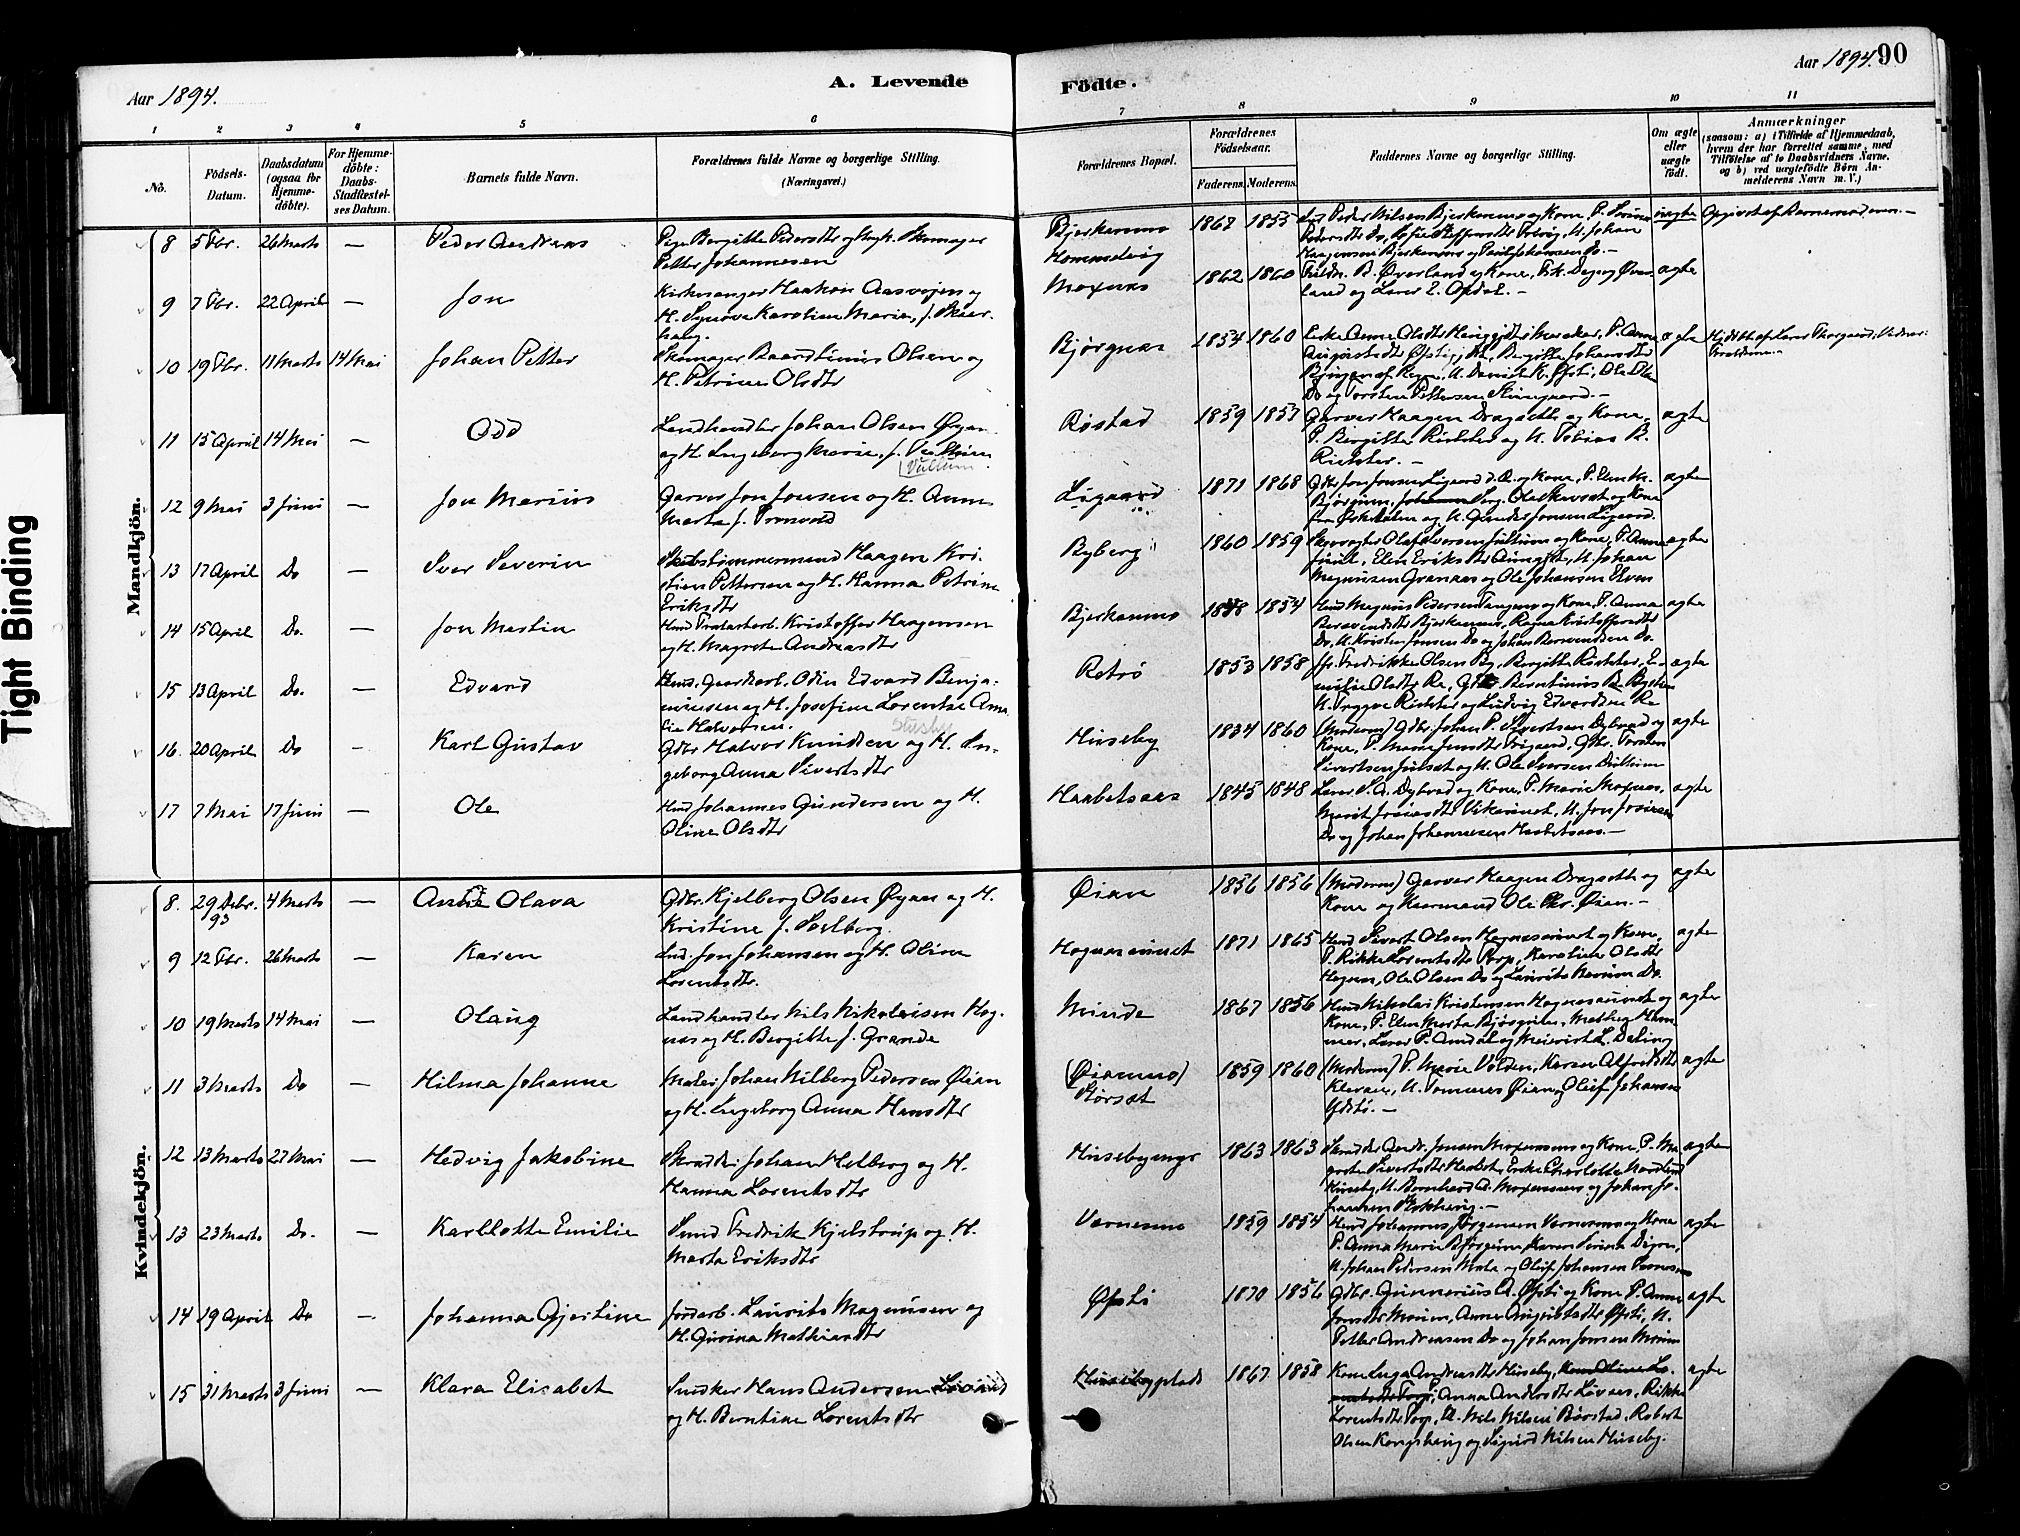 SAT, Ministerialprotokoller, klokkerbøker og fødselsregistre - Nord-Trøndelag, 709/L0077: Ministerialbok nr. 709A17, 1880-1895, s. 90